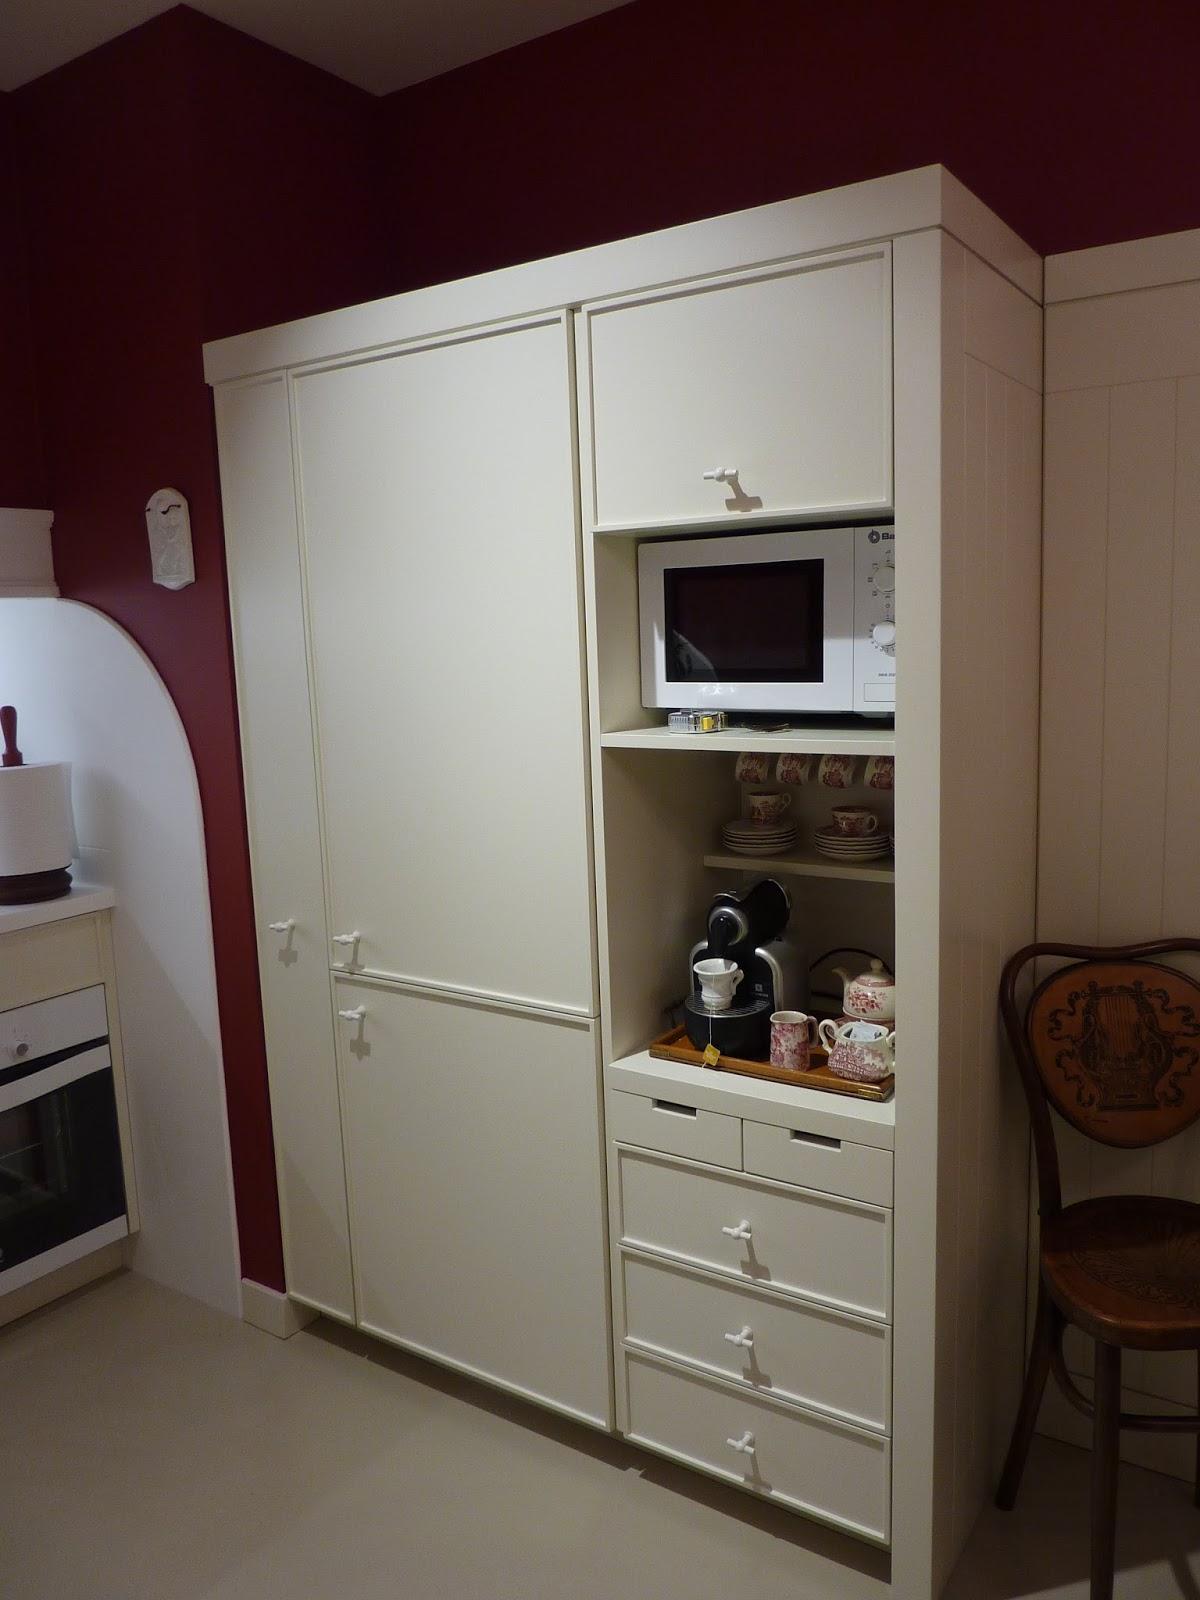 Carpinteria muebles a medida - Mueble buffet cocina ...